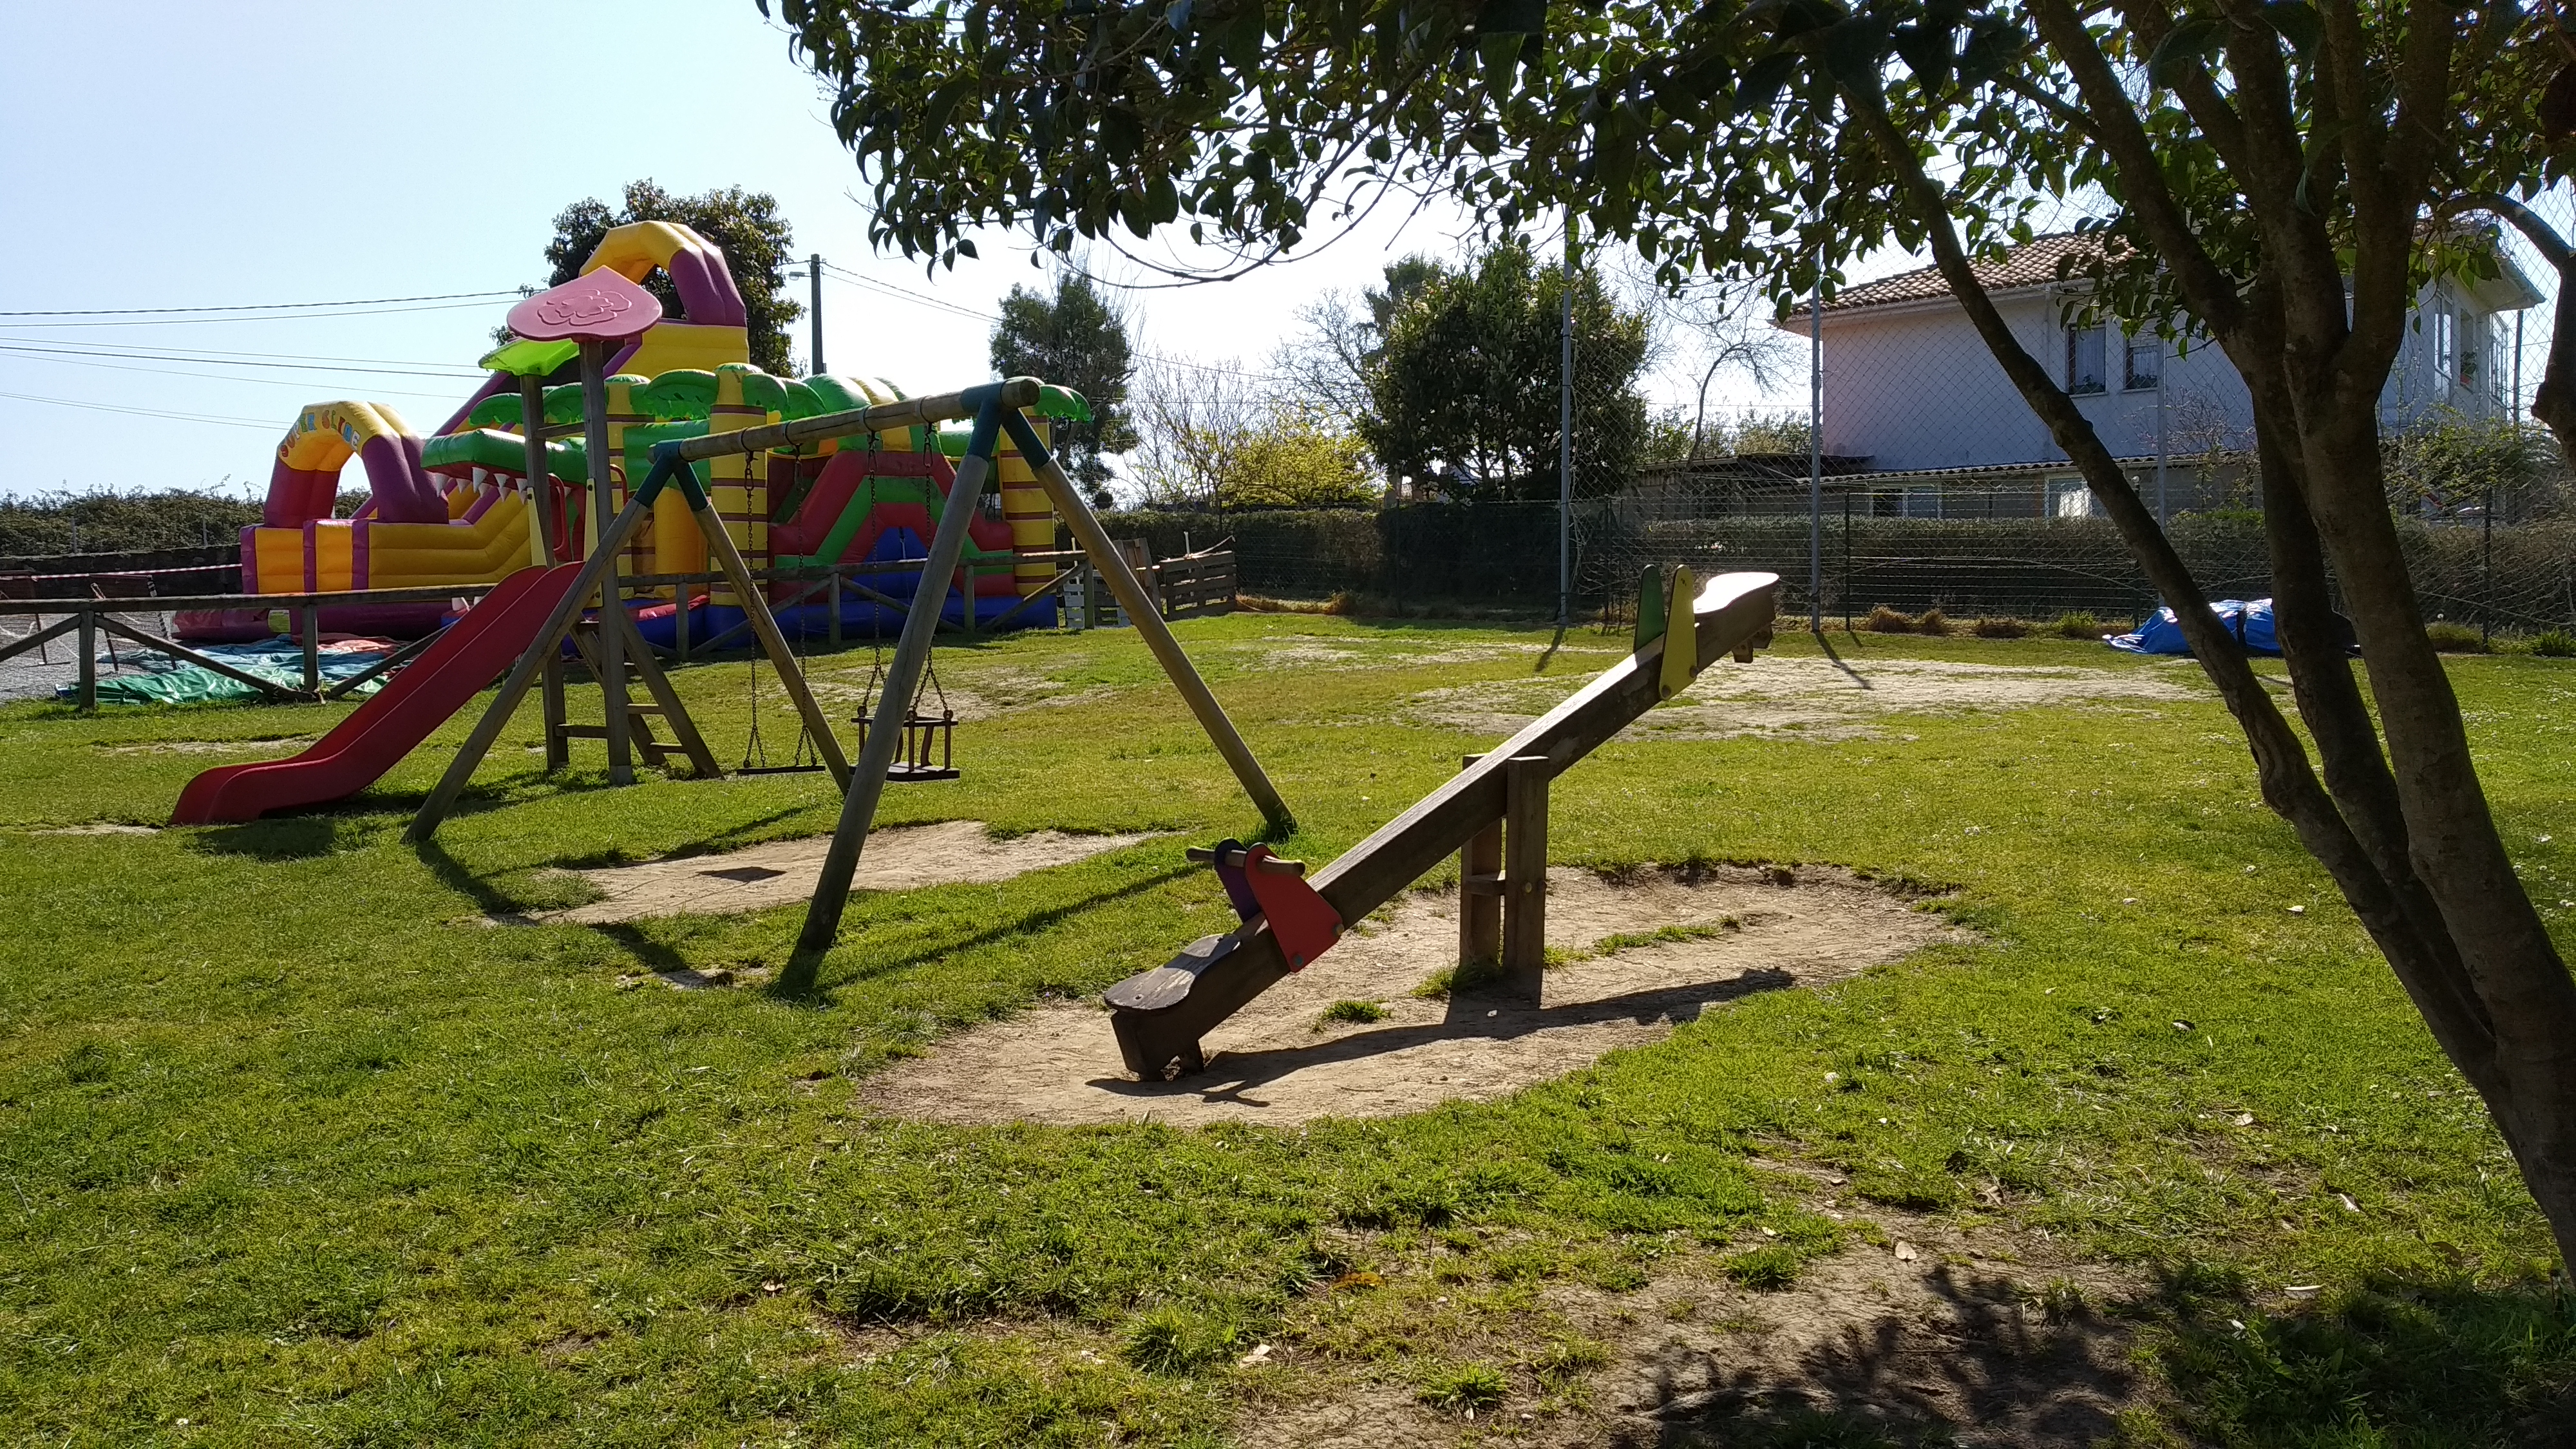 Merenderos en Gijón con Juegos Infantiles